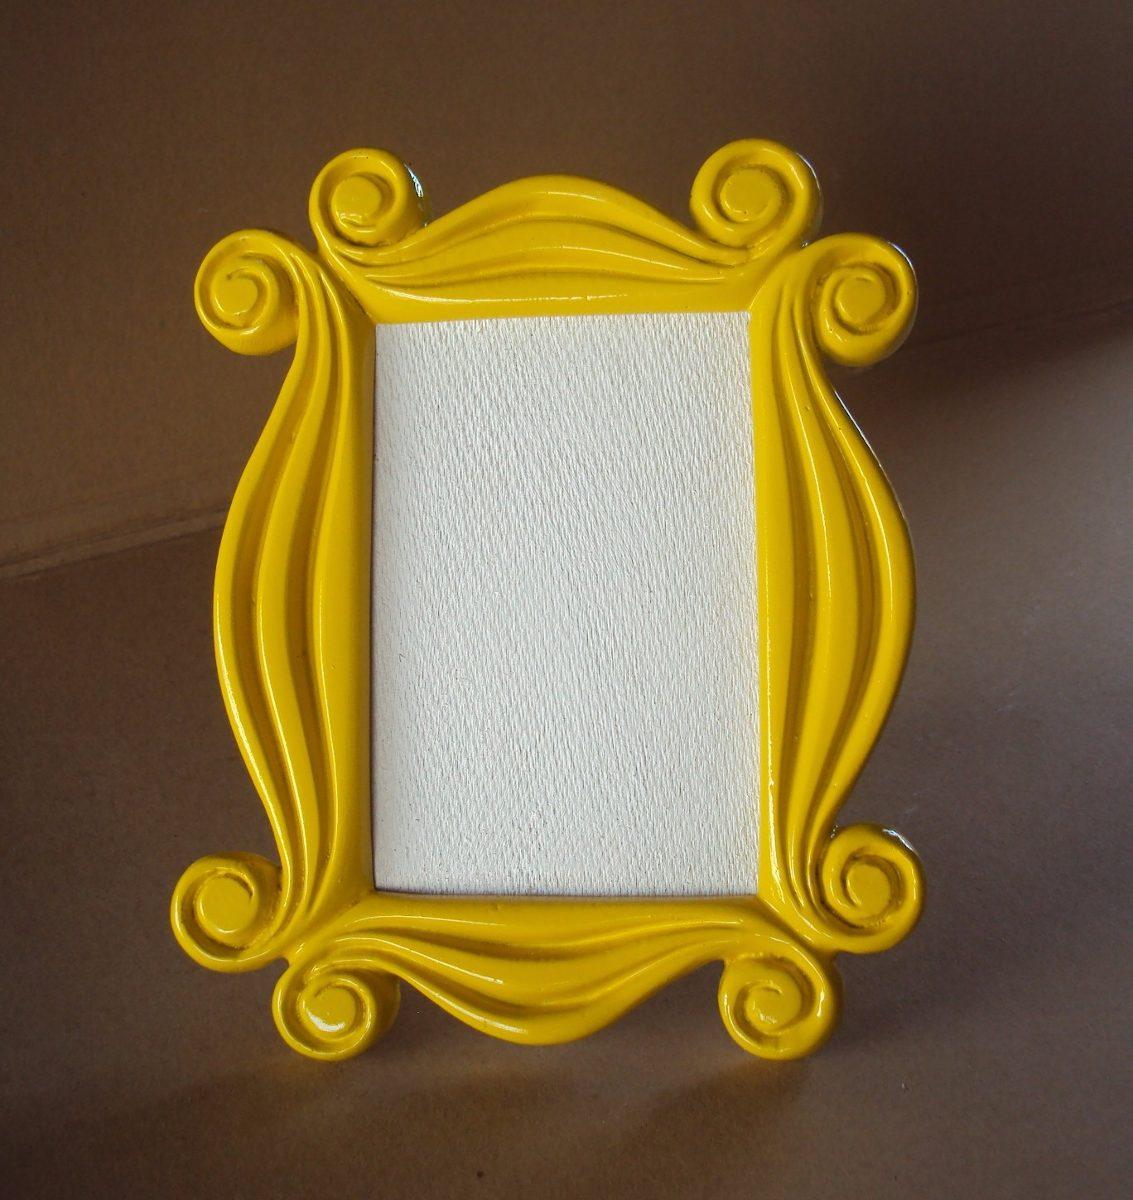 porta retrato de mesa moldura friends ii 10x15 r 89 00 em mercado livre. Black Bedroom Furniture Sets. Home Design Ideas